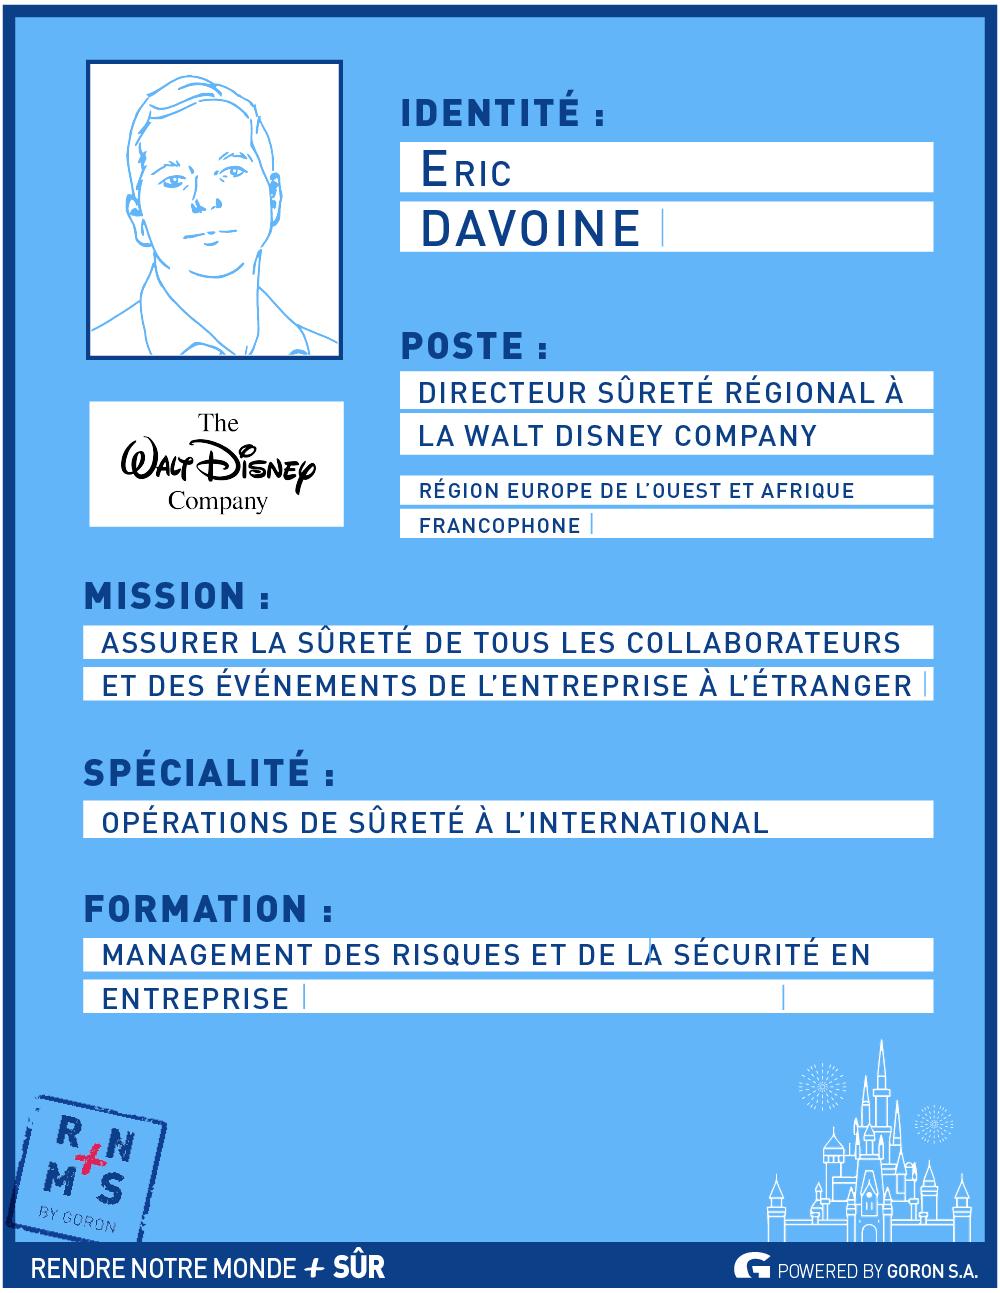 Portrait de décideur : Eric Davoine, Directeur régional Sûreté Walt Disney Company - RNMPS